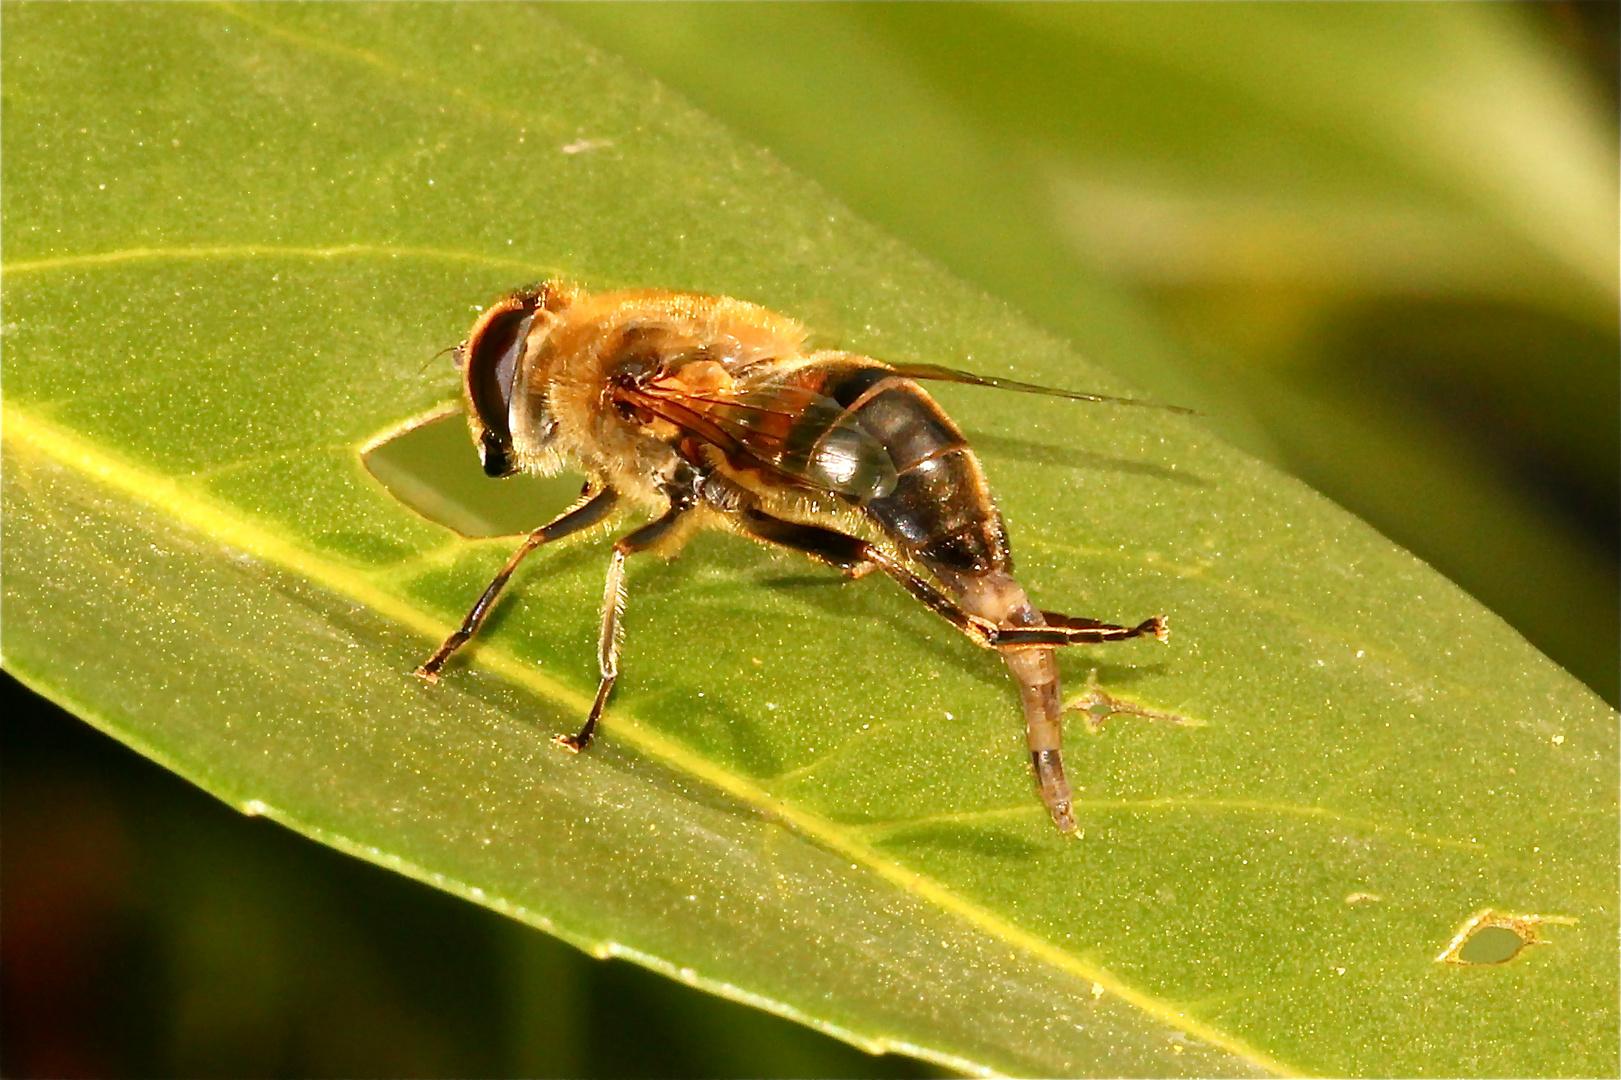 Bild 7 und damit letztes der Mistbienen-Putzserie (Eristalis tenax)